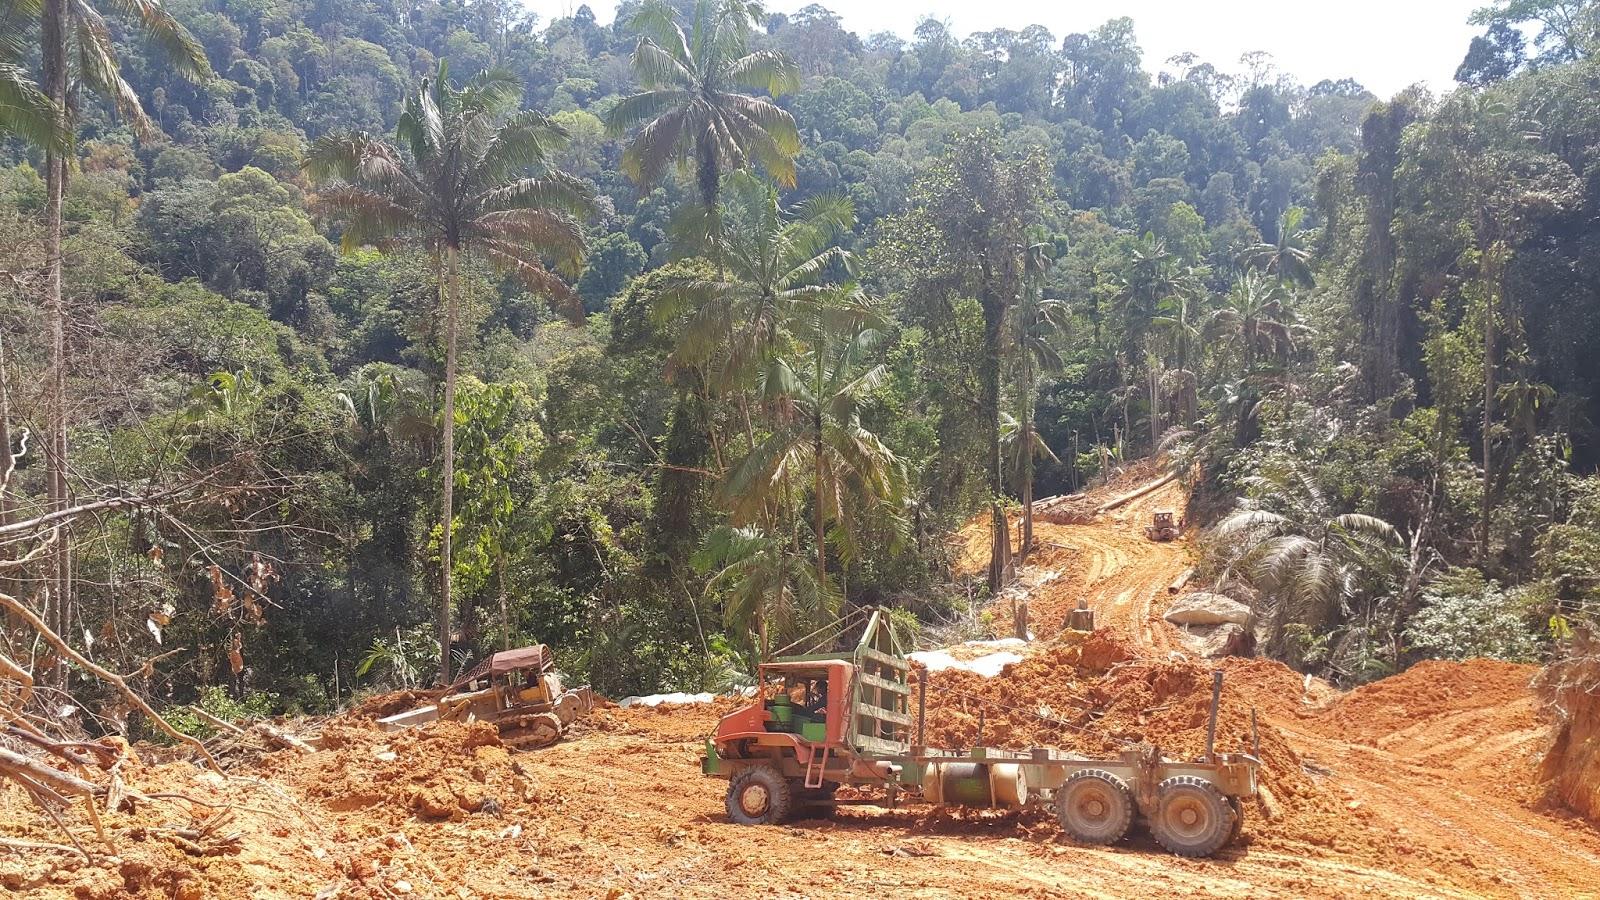 Eia report malaysia